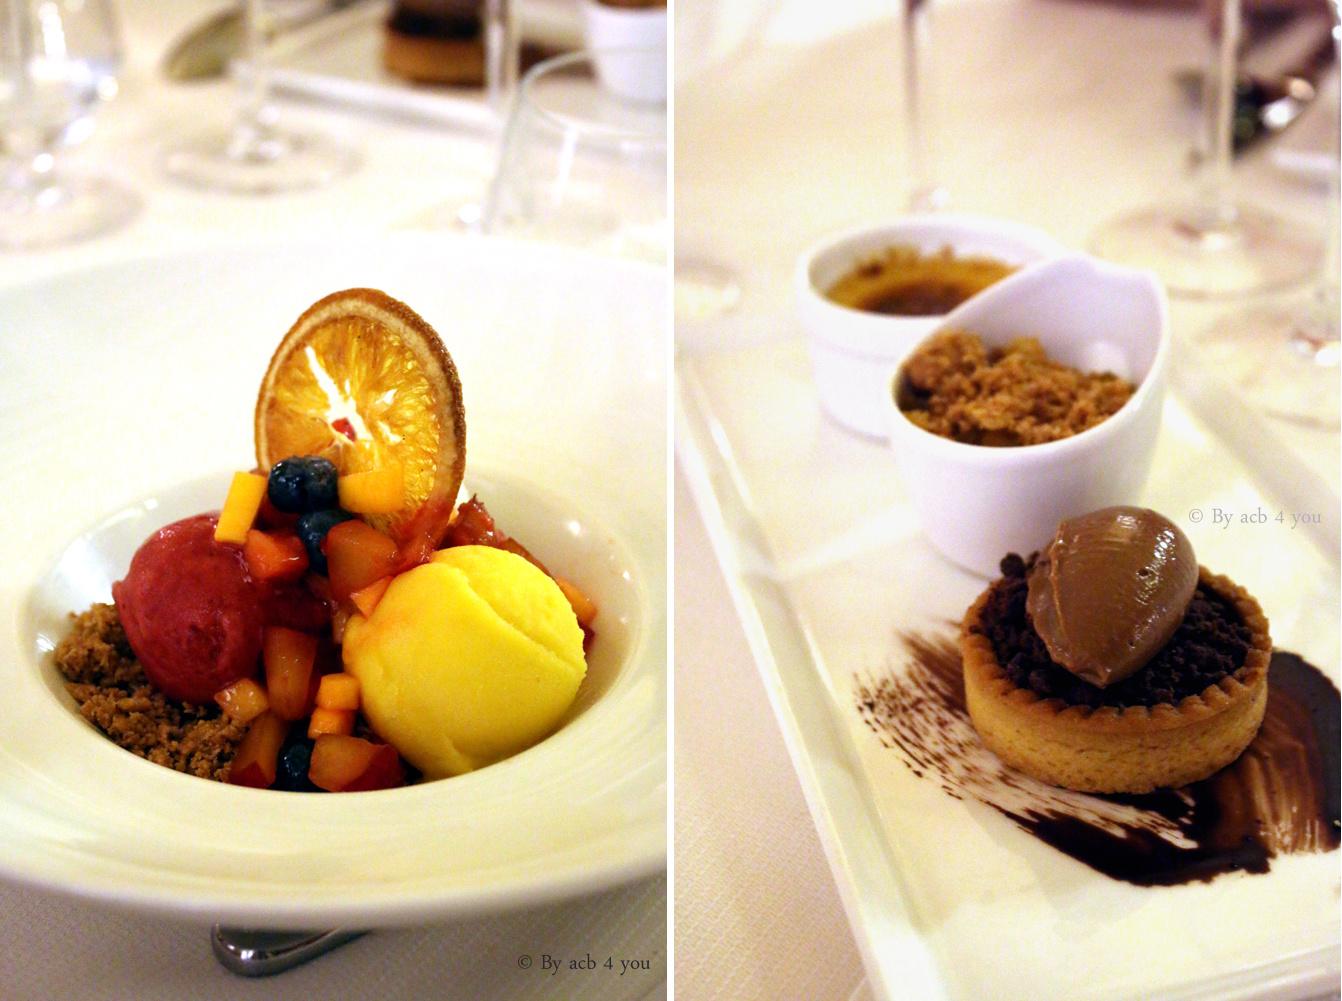 Sorbets maison et fruits frais de saison ou Mini crème brûlée, crumble aux pommes, tartelette chocolat